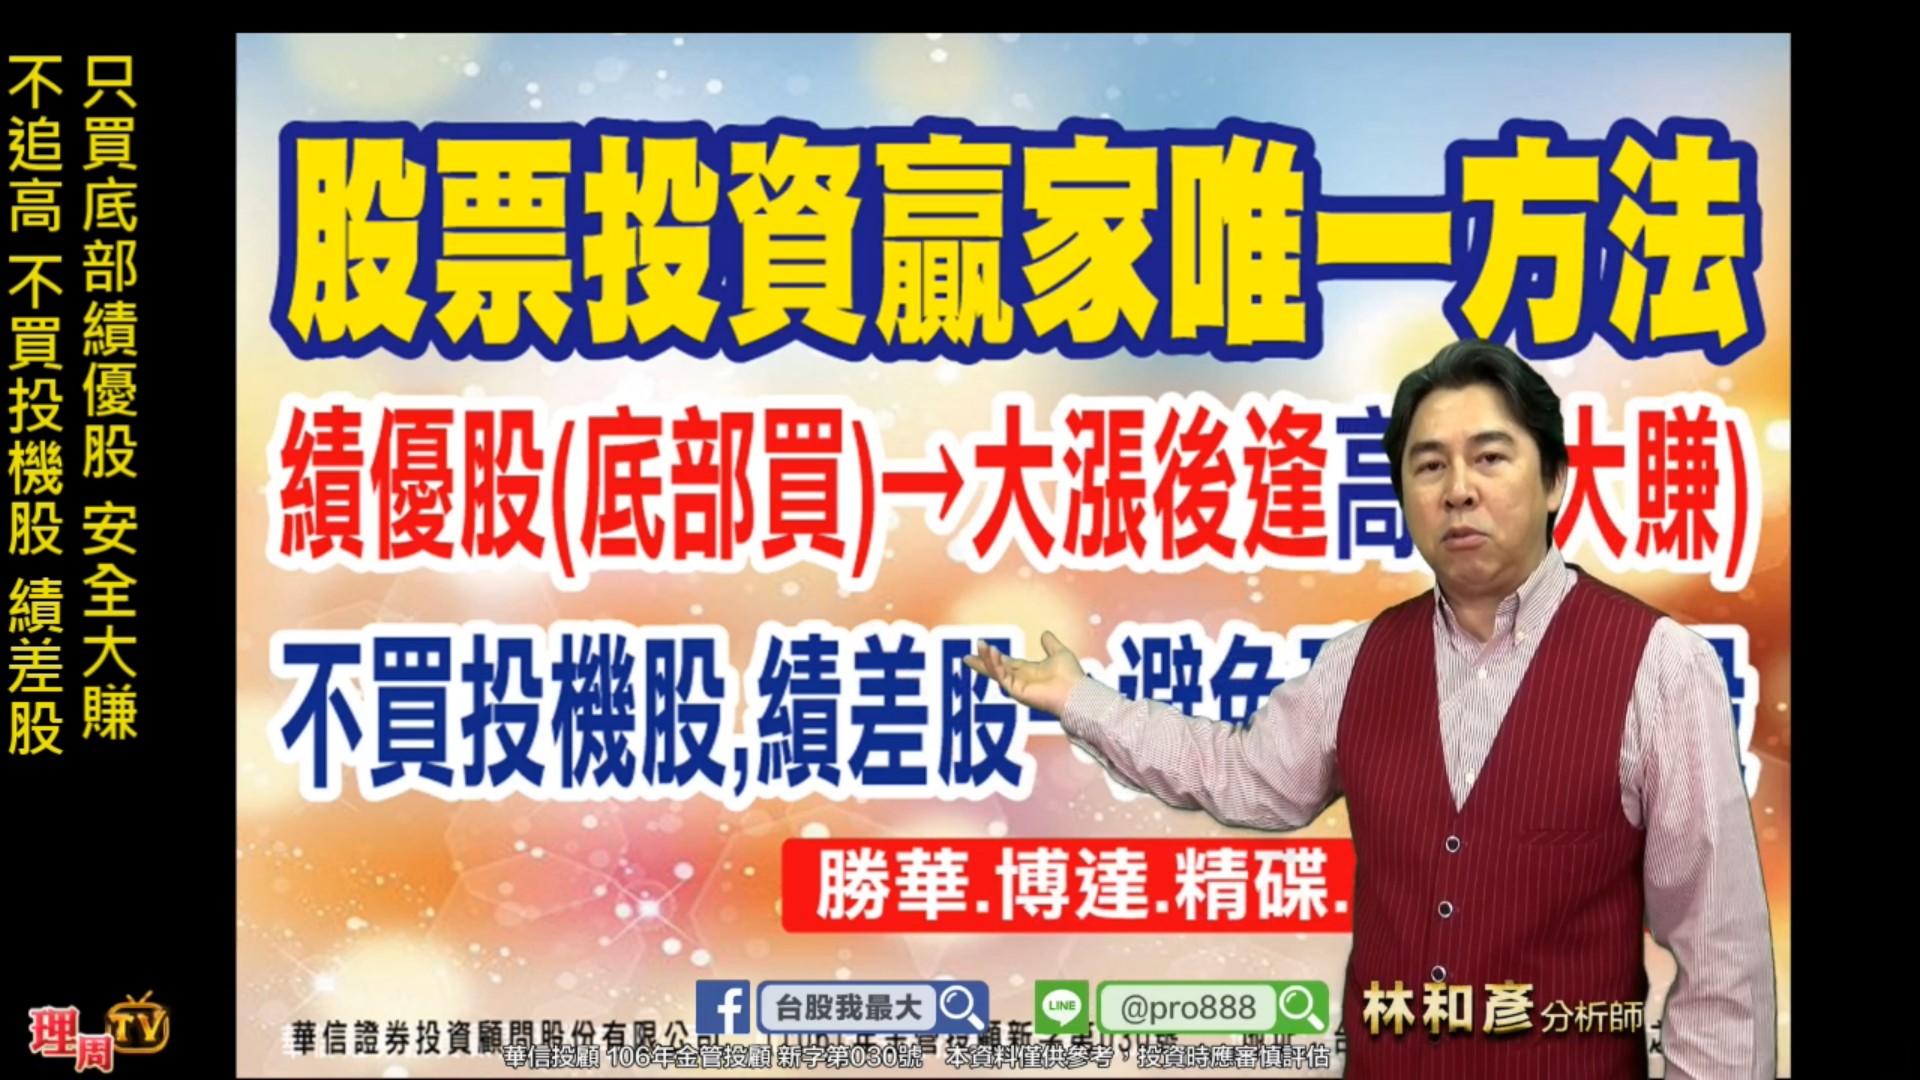 0417郭董選總統 (二支伏兵) 環球晶玩大的.. 【首季超級財報選飆股】